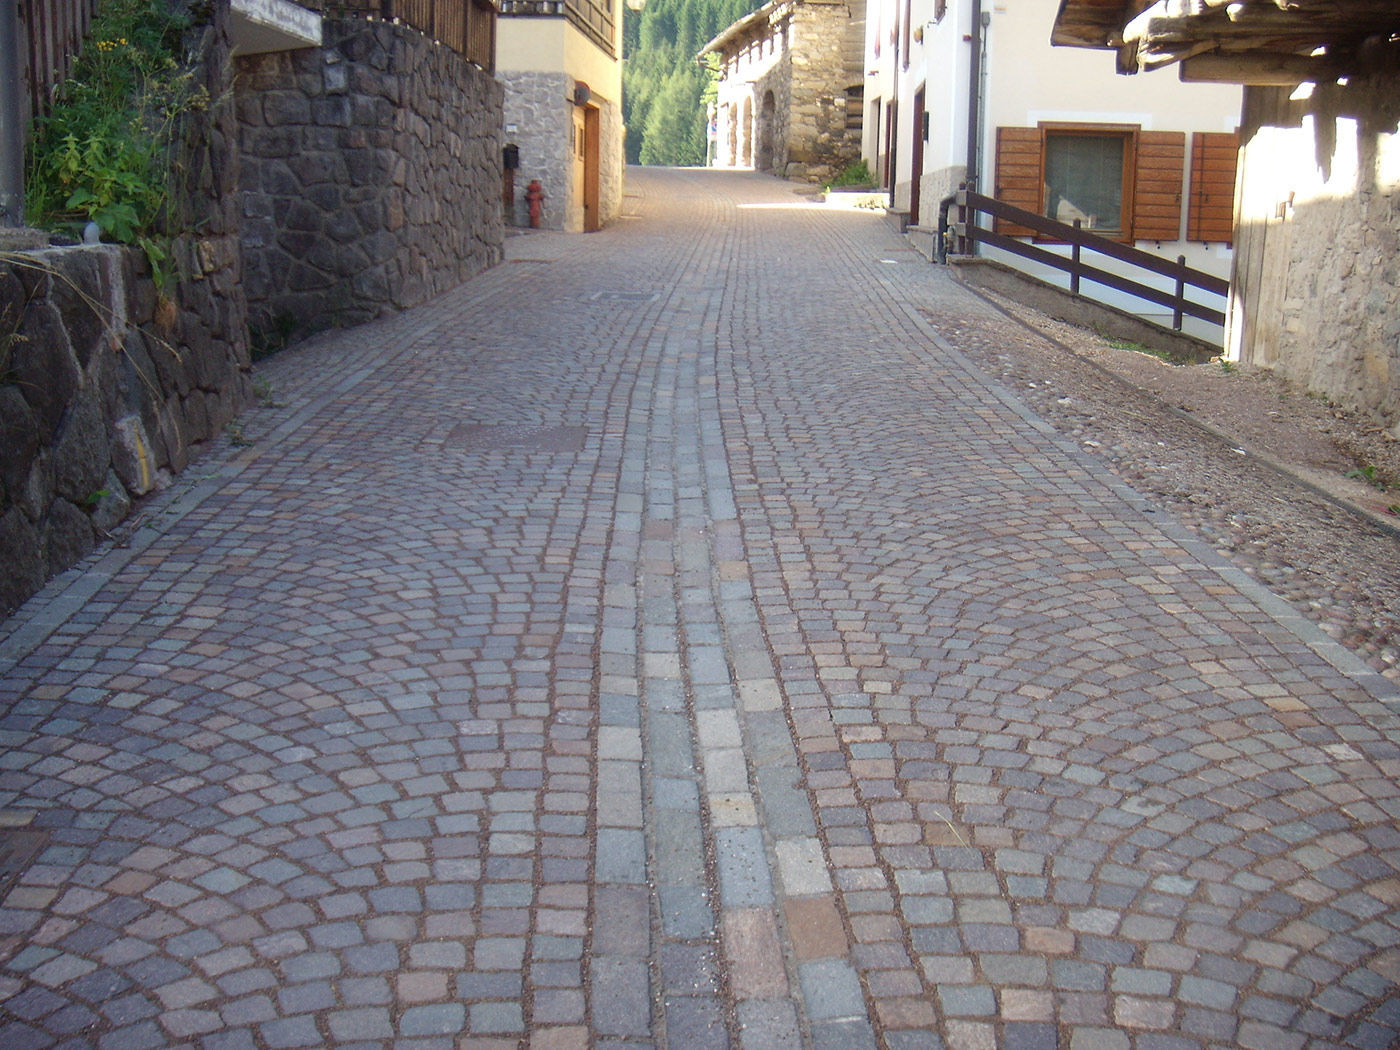 Pavimentazione Giardino In Pietra pavimentazione in pietra - consorzio cavatori produttori